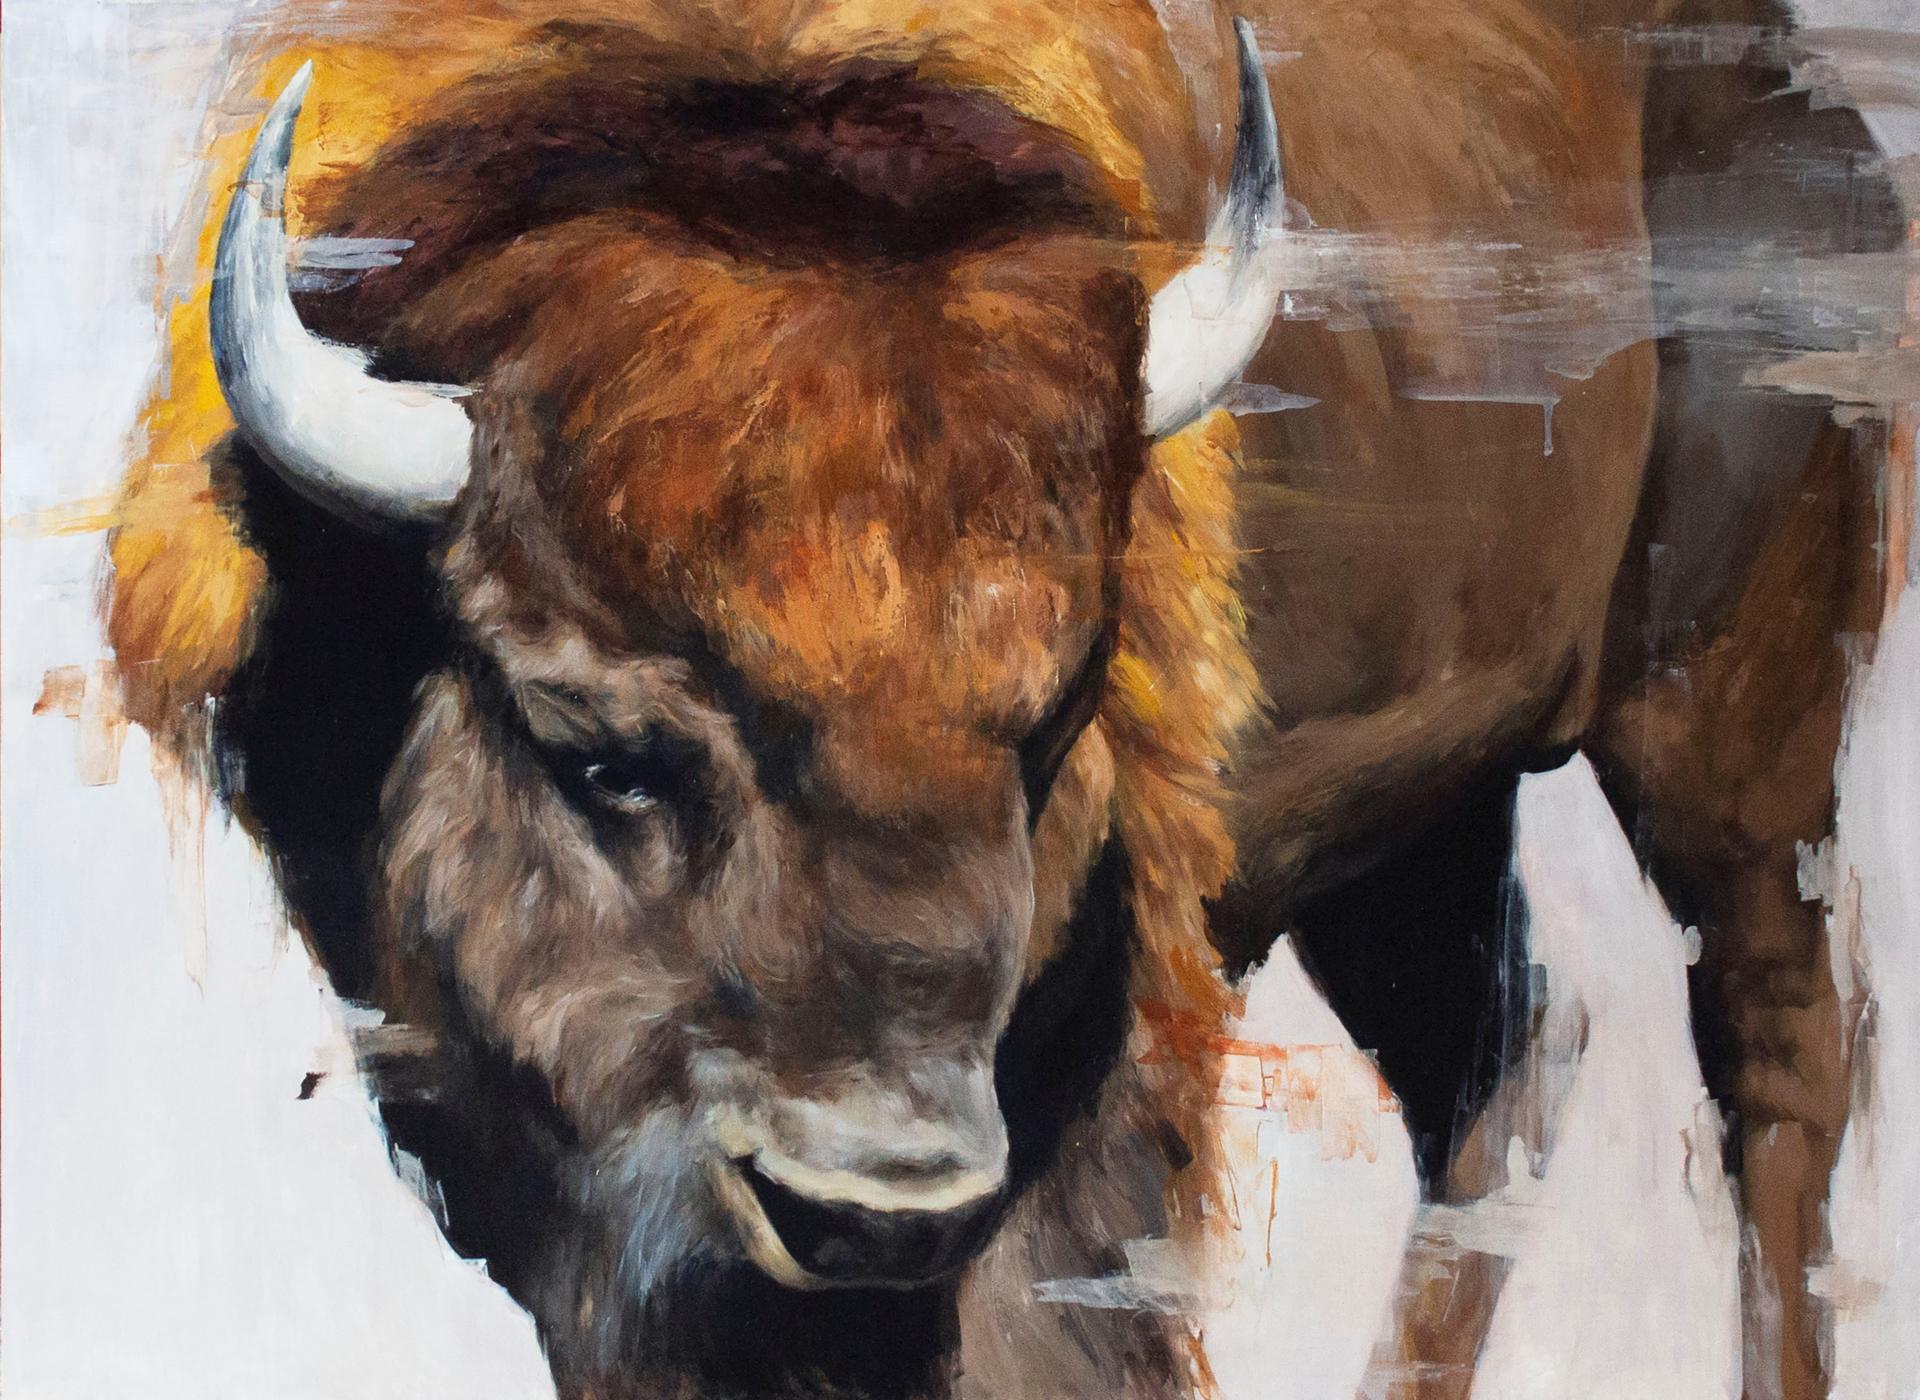 Hayden Valley Bison by Morgan Cameron